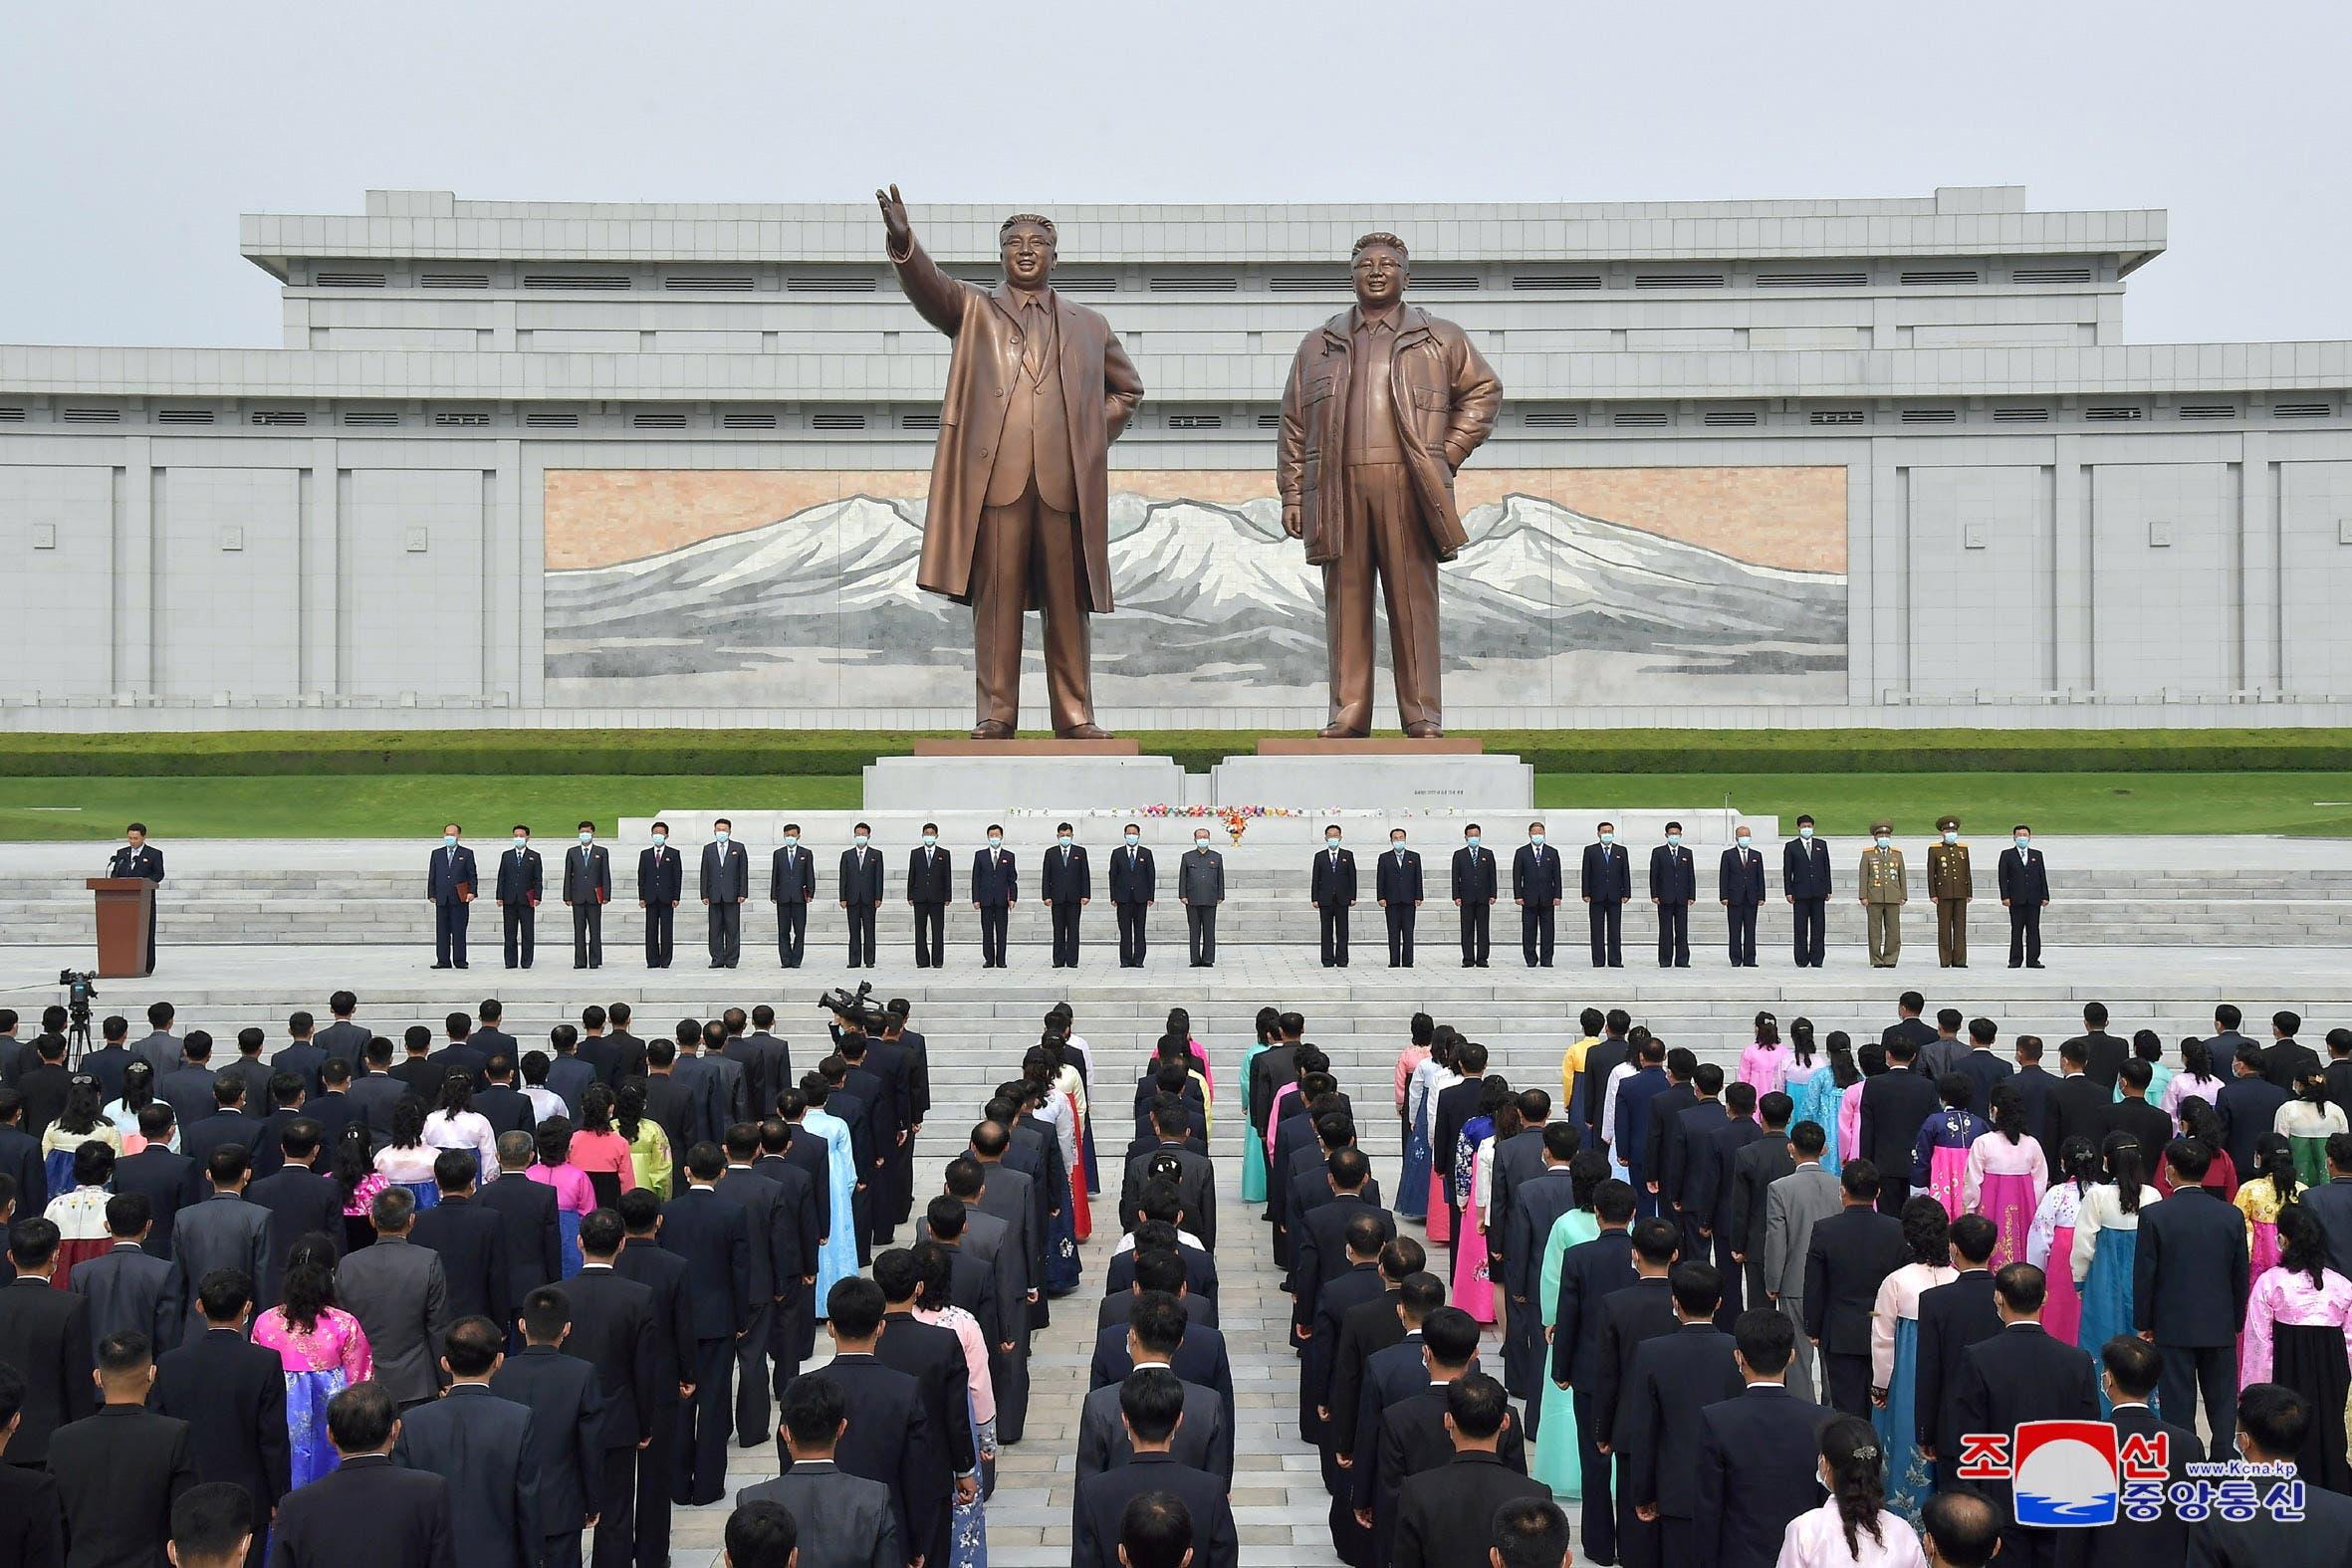 تمثالان لوالد كيم وجده في بيونغ يانغ (رويترز)